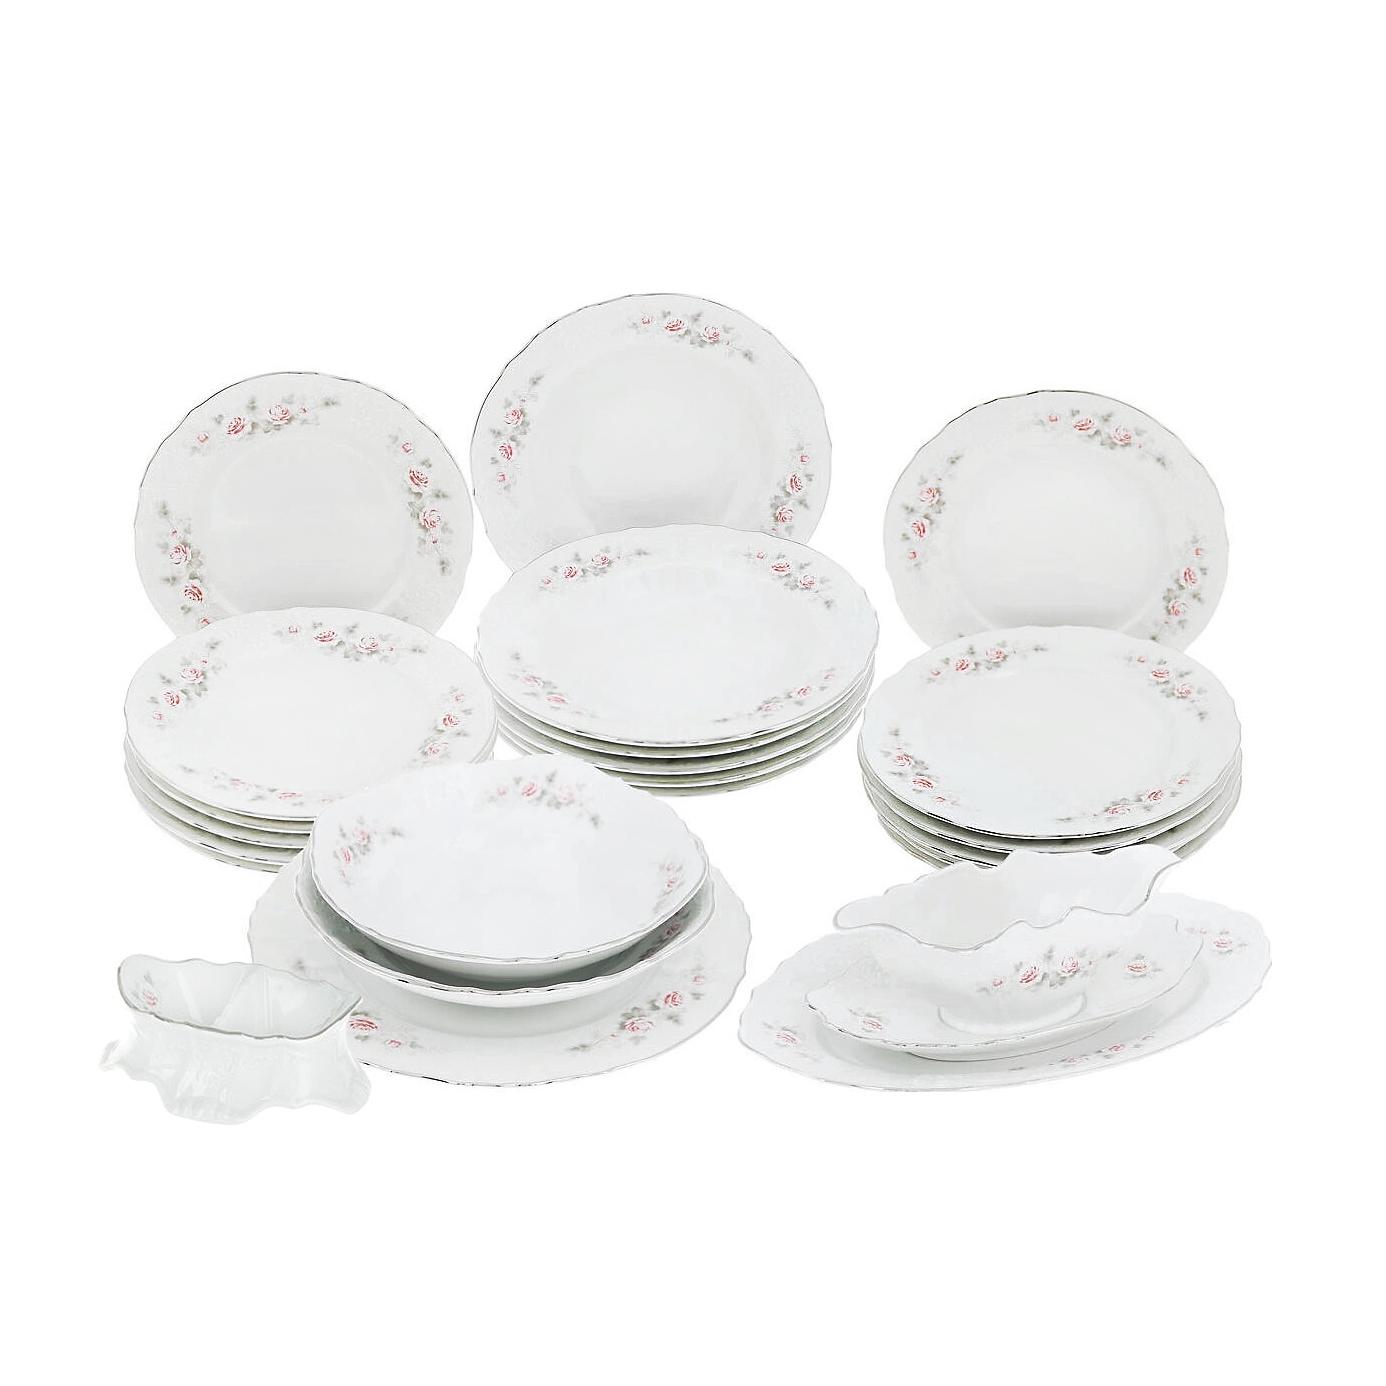 Сервиз столовый Thun 1794 6 персон 24 предмета Бледные розы